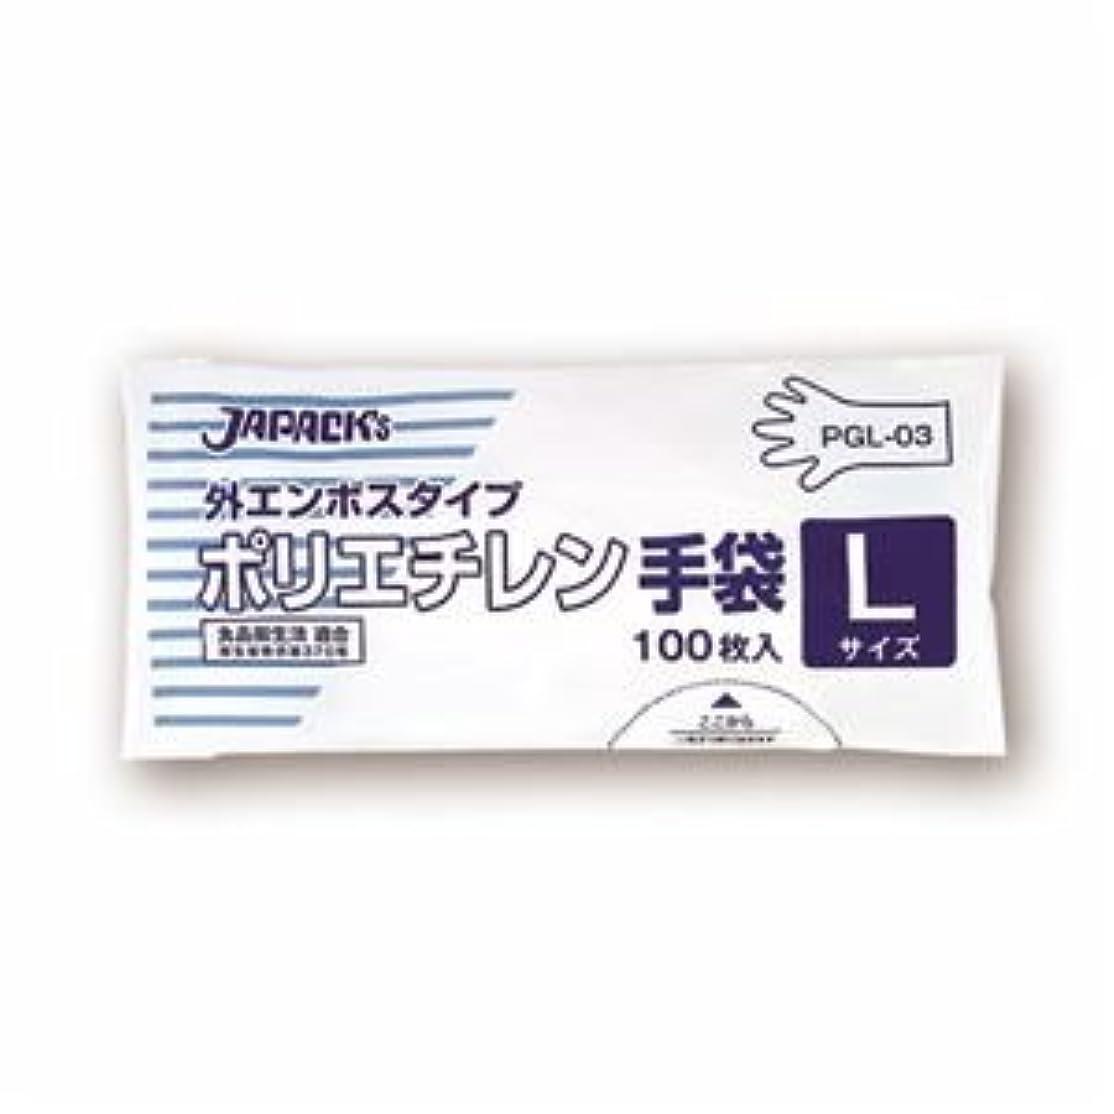 元気時刻表オーラル(まとめ) ジャパックス 外エンボスタイプ LDポリエチレン手袋 L PGL-03 1パック(100